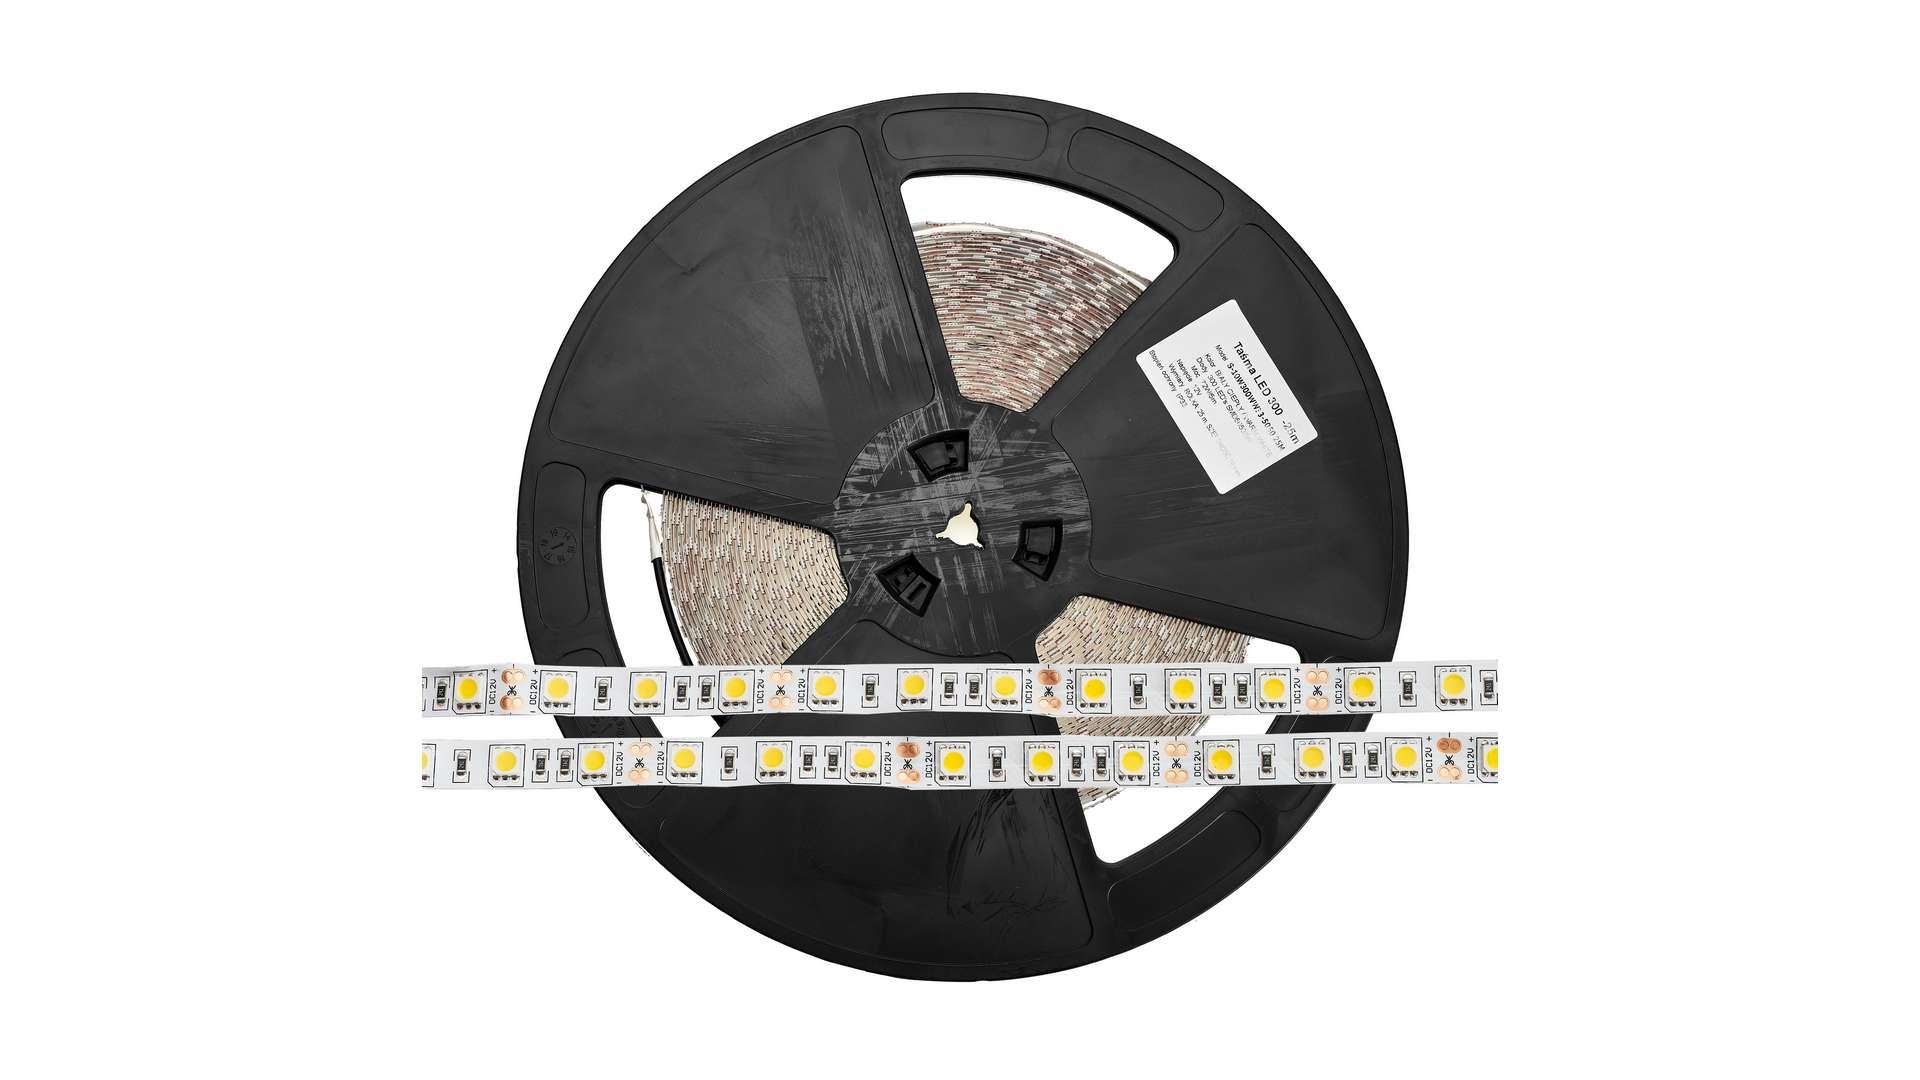 Taśma 150 LED 30 LED/m 5050 SMD RGB - 50m